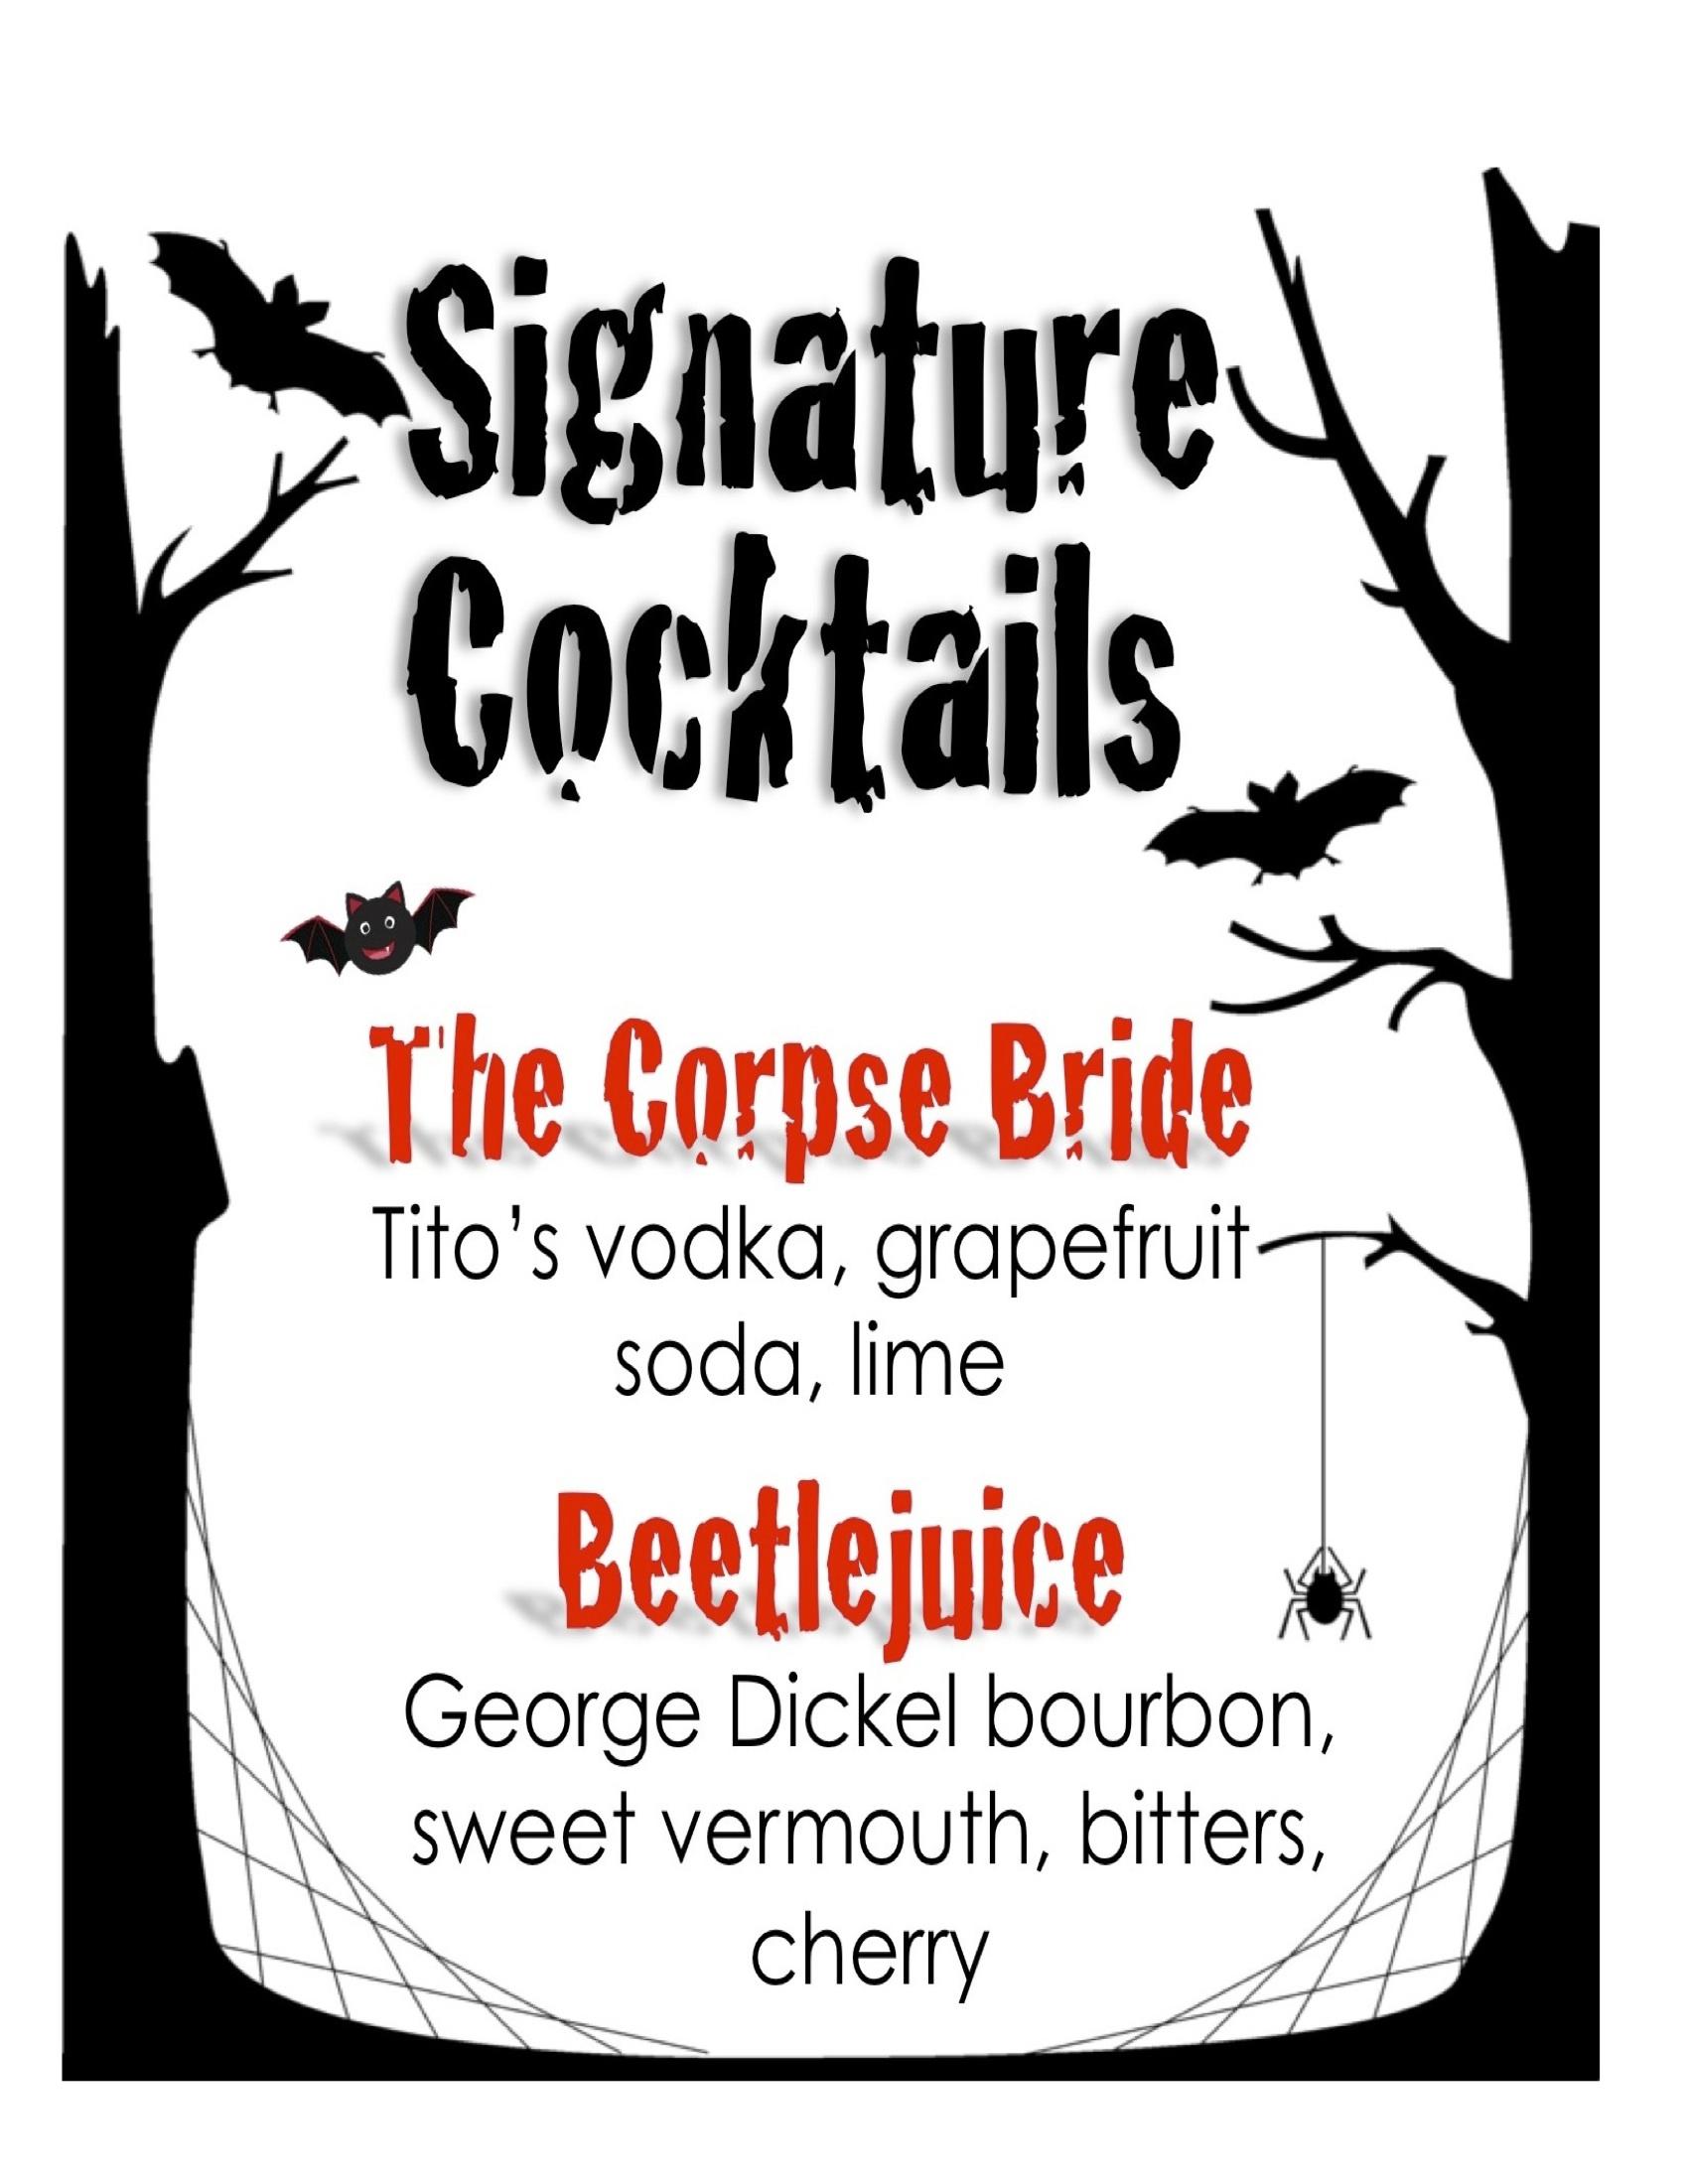 austin_bartender_wedding_wire_menu.jpg